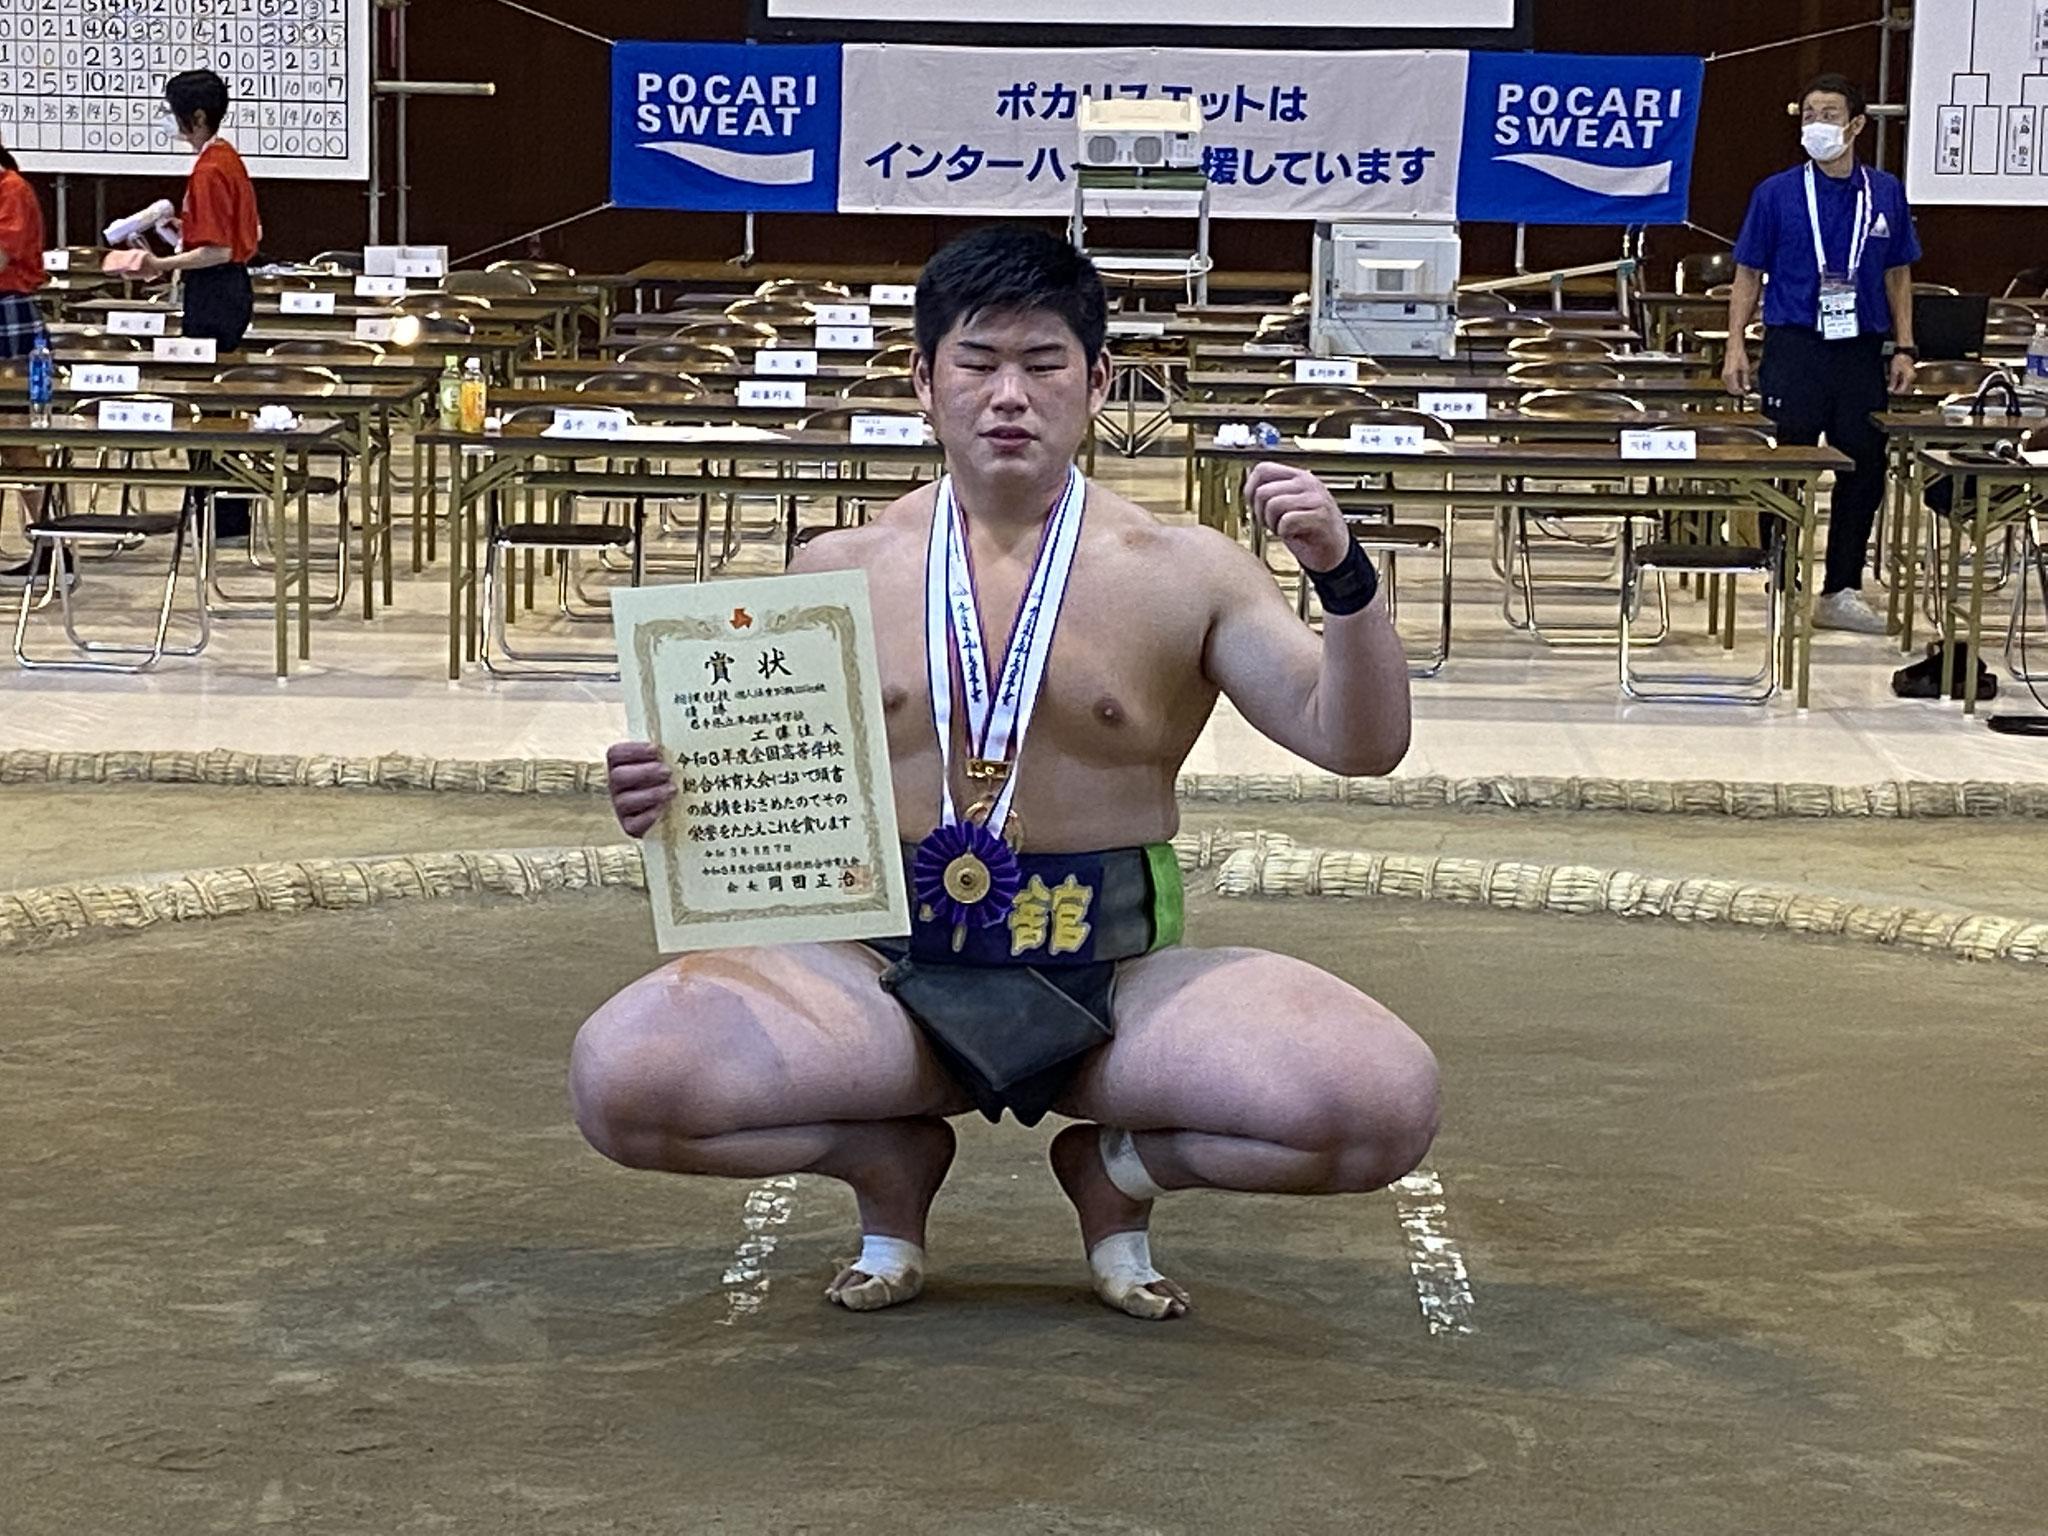 【相撲/新潟県糸魚川市】個人100kgで優勝した工藤佳太君(平舘高校)